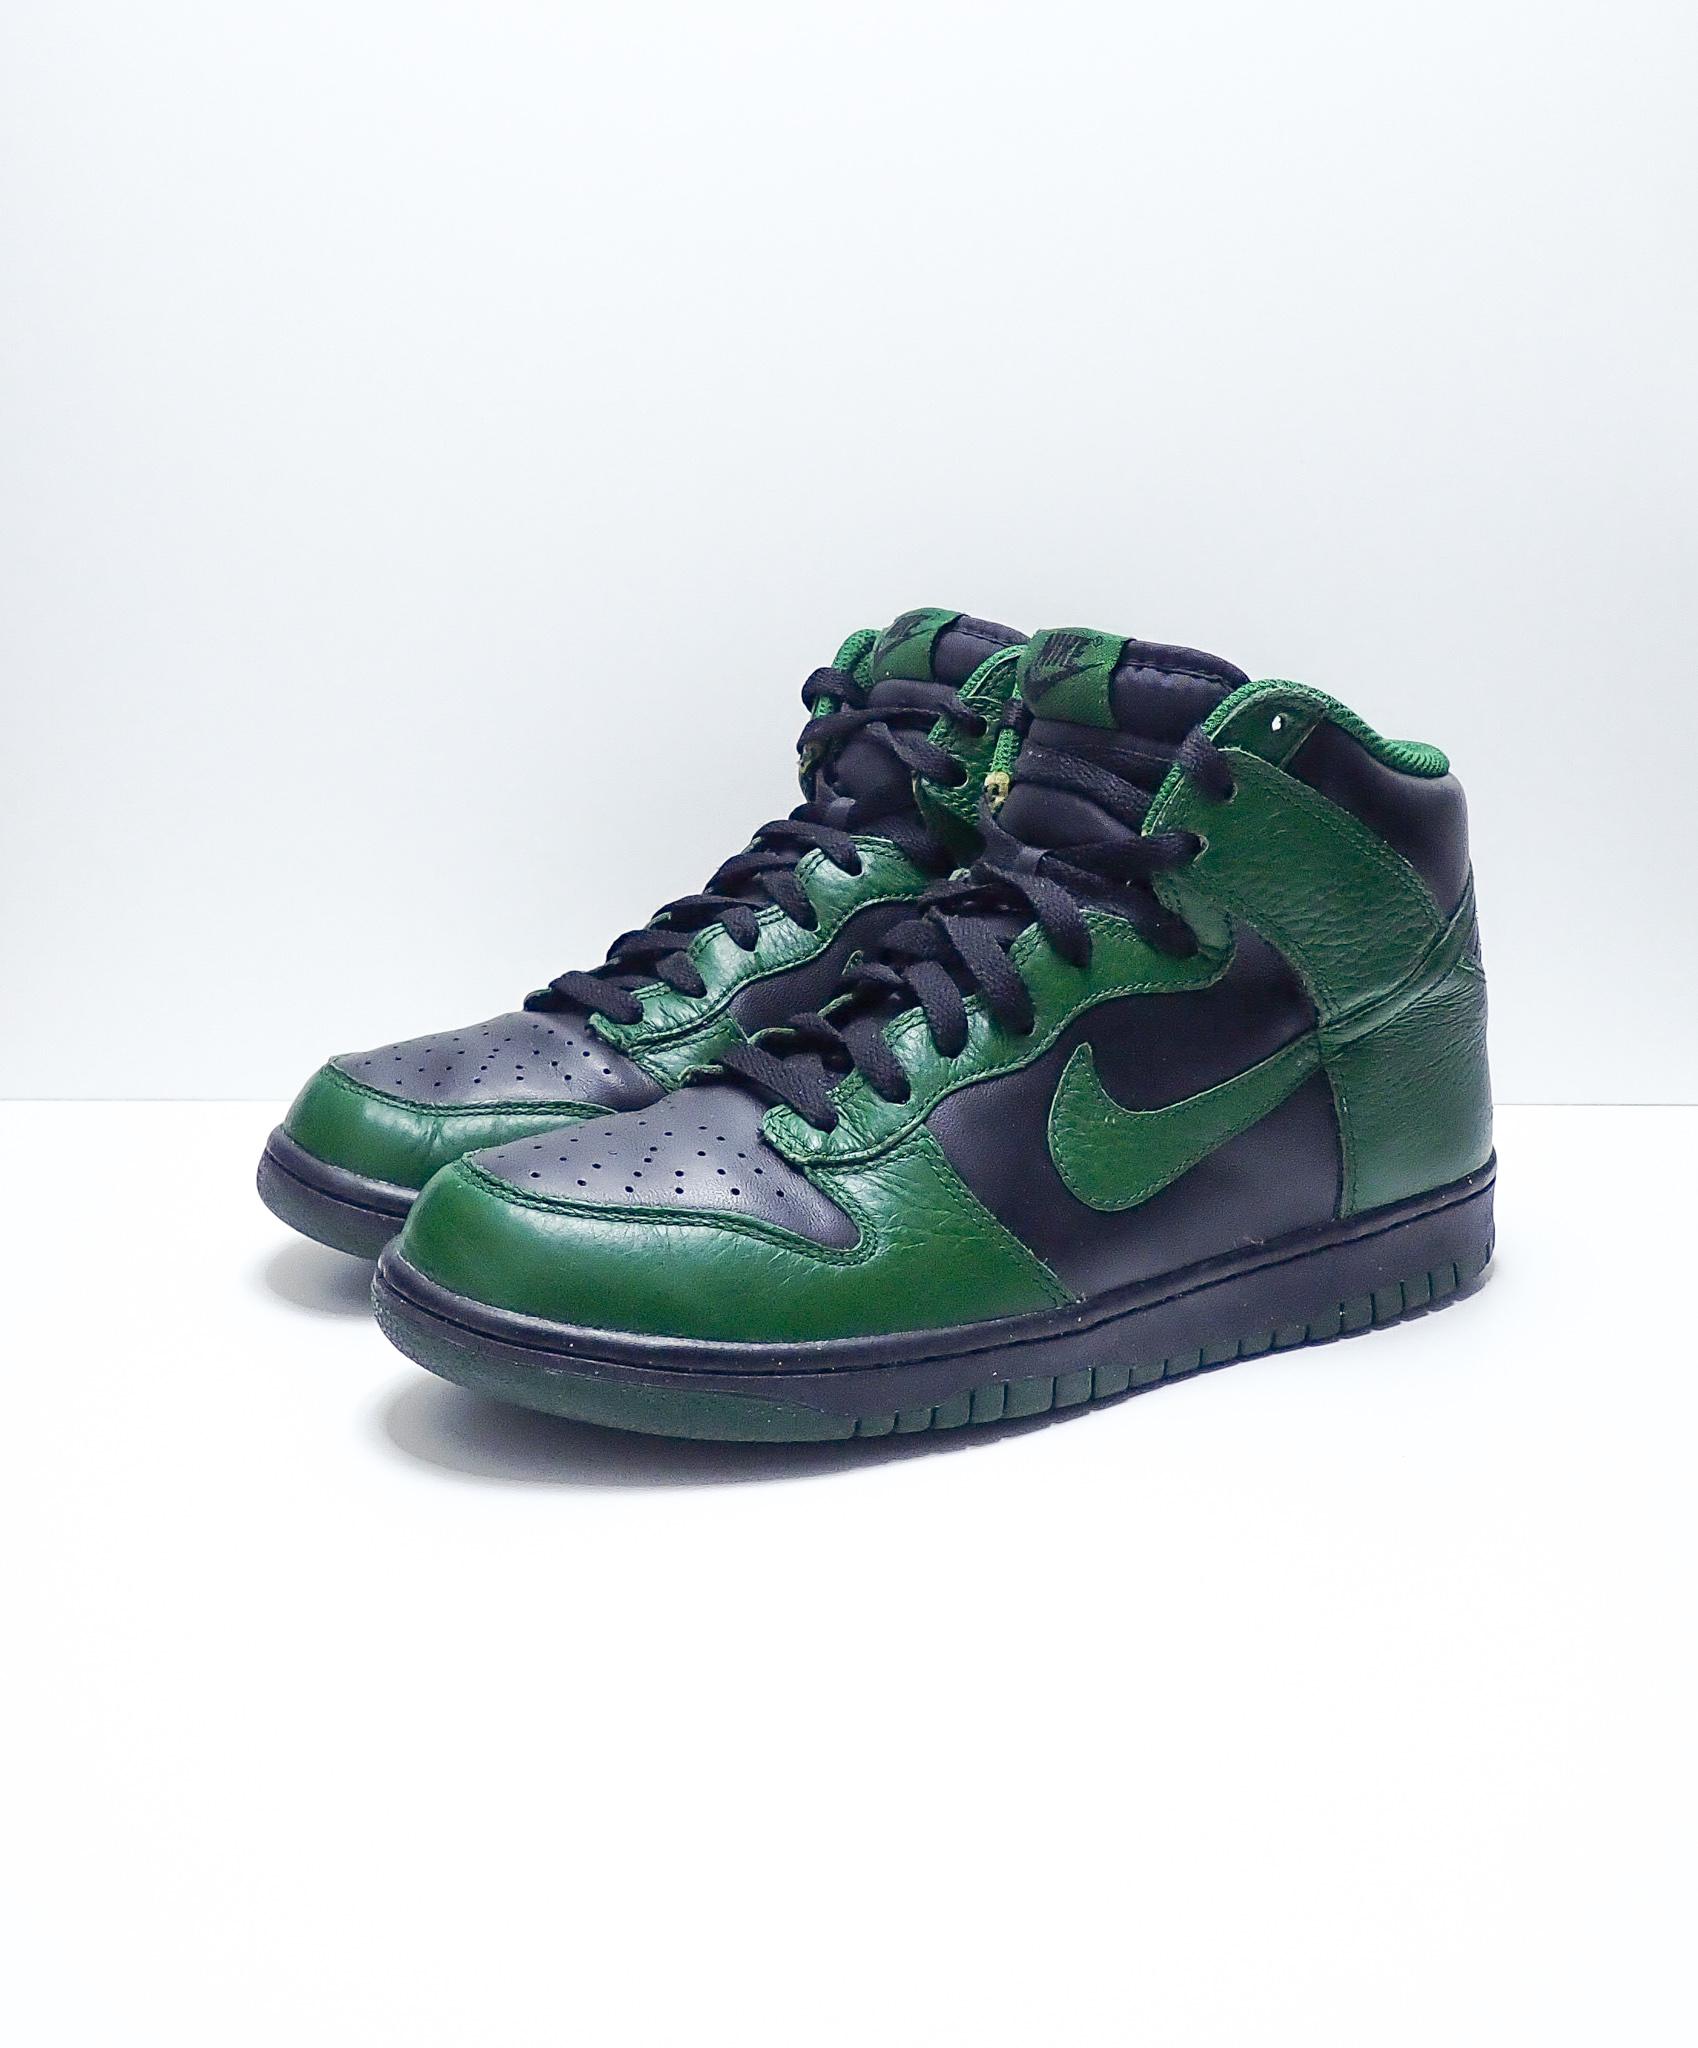 Nike Dunk High Gorge Green Black